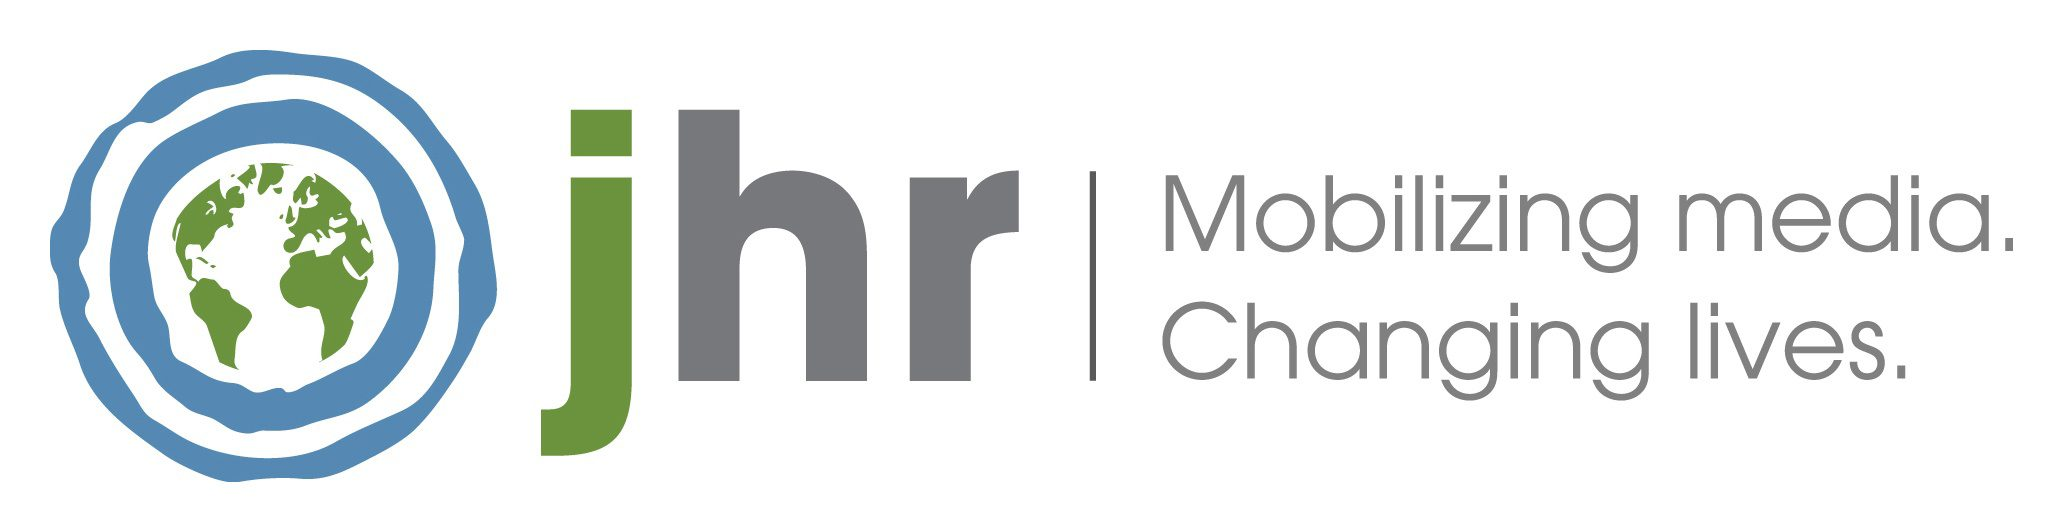 jhr_logo.jpg